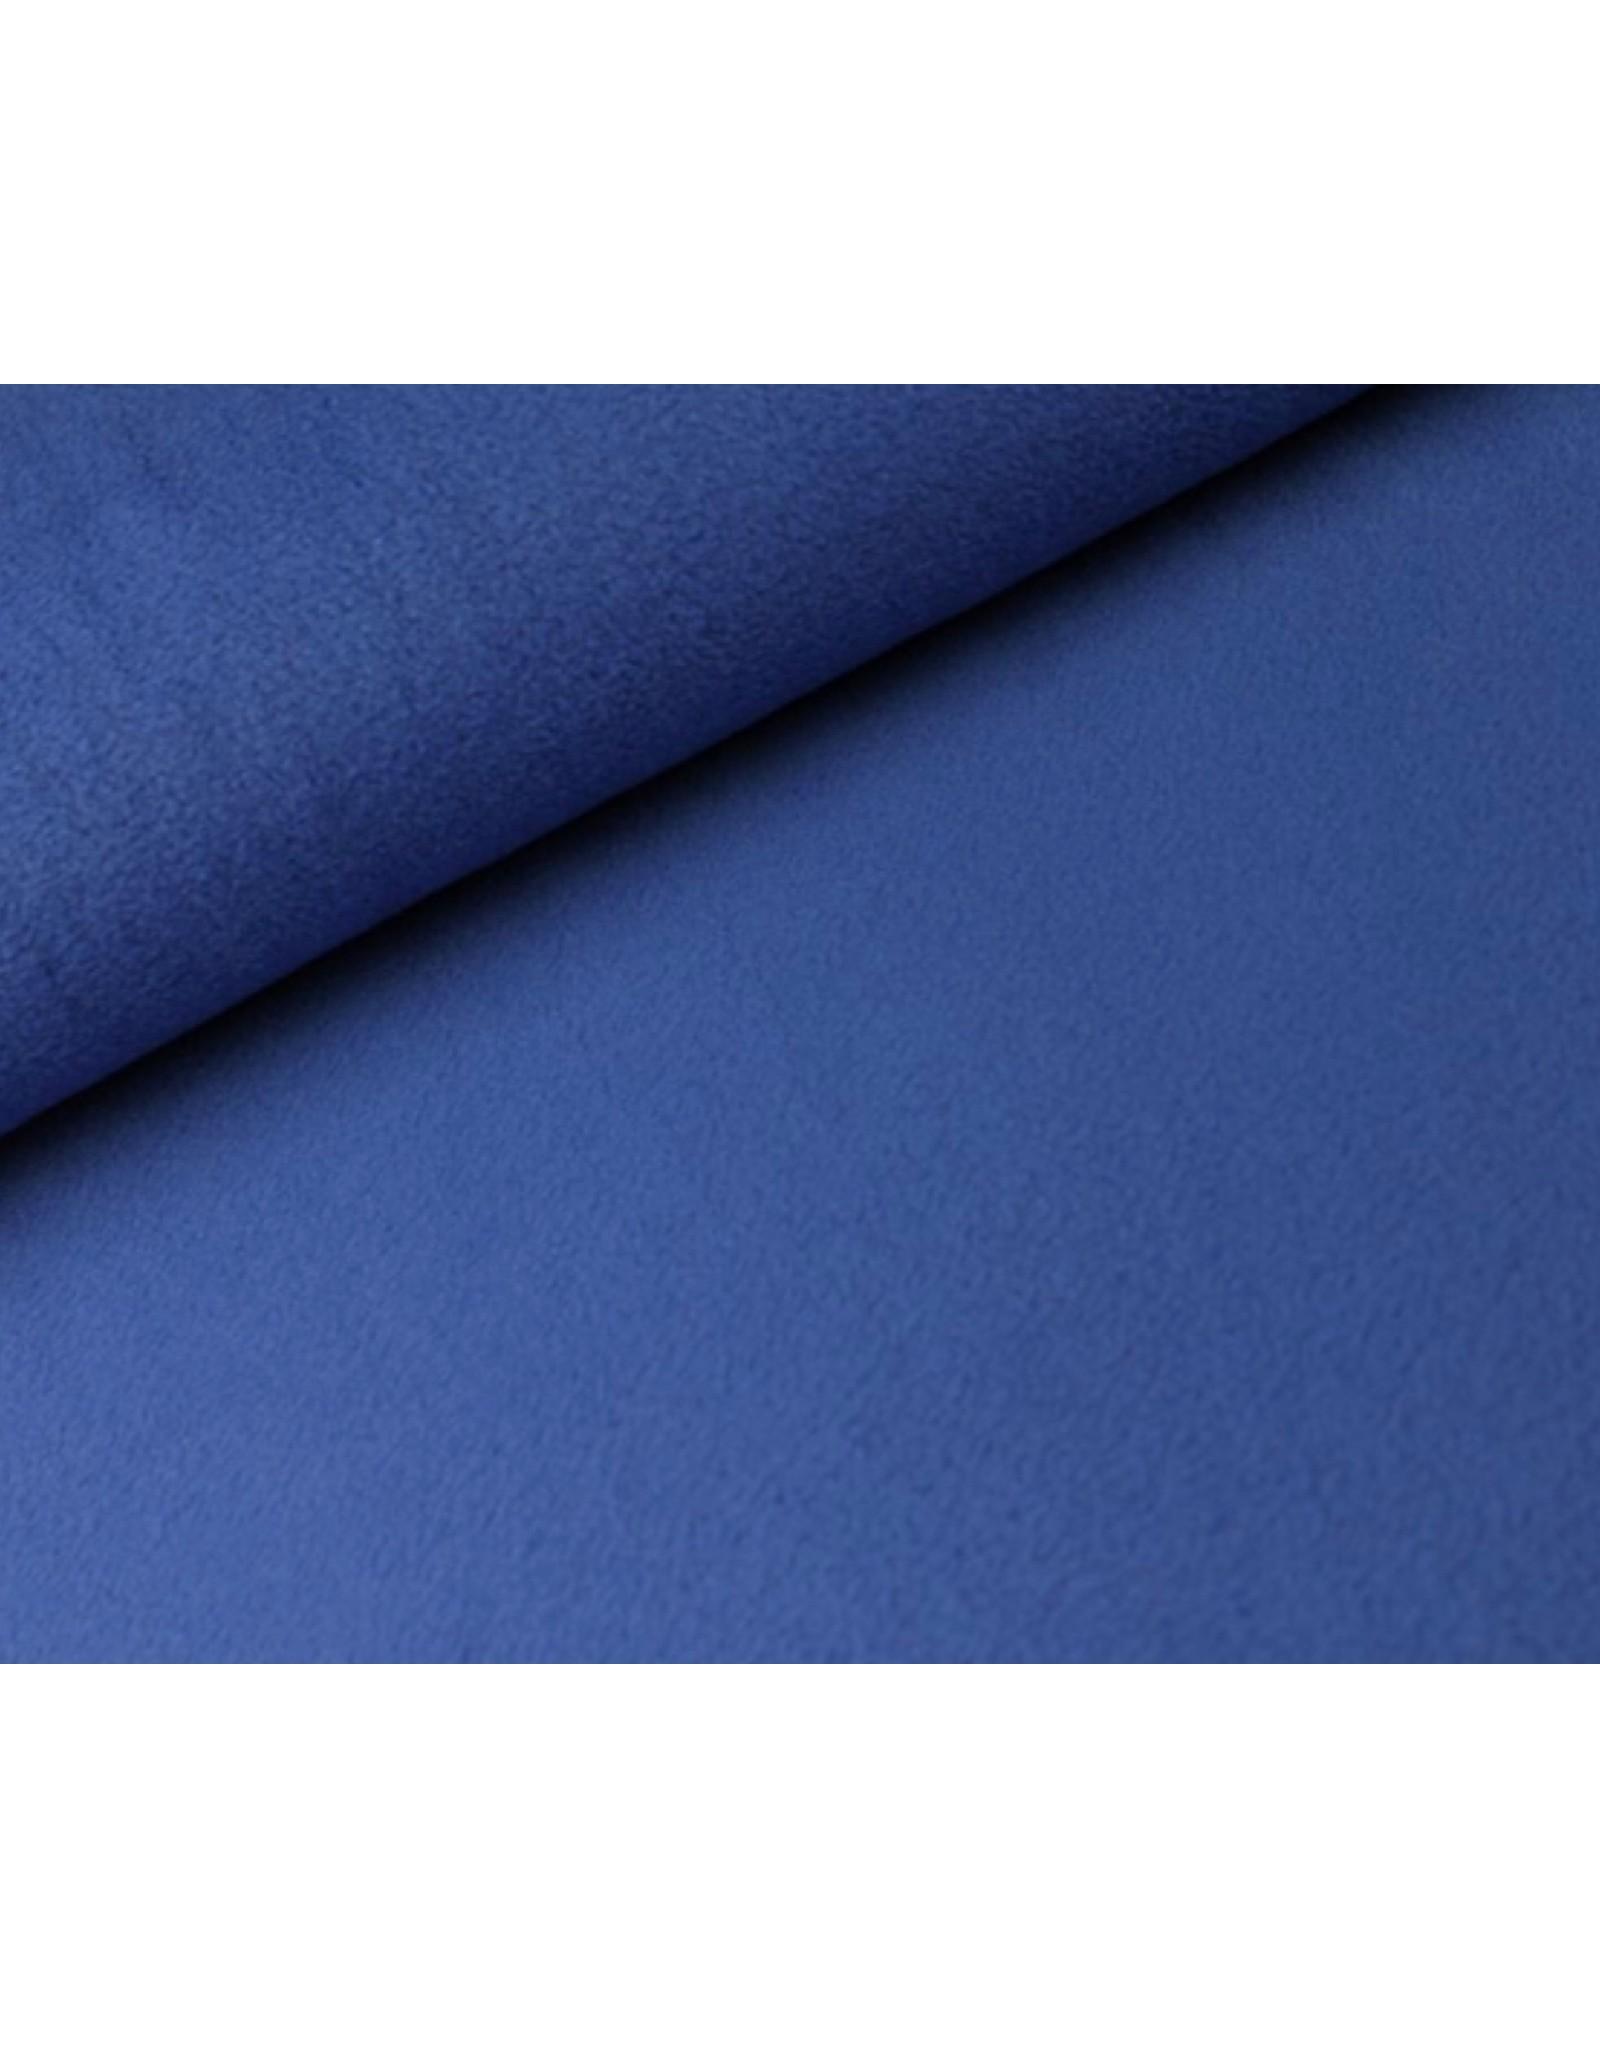 Polar Fleece stof Kobalt